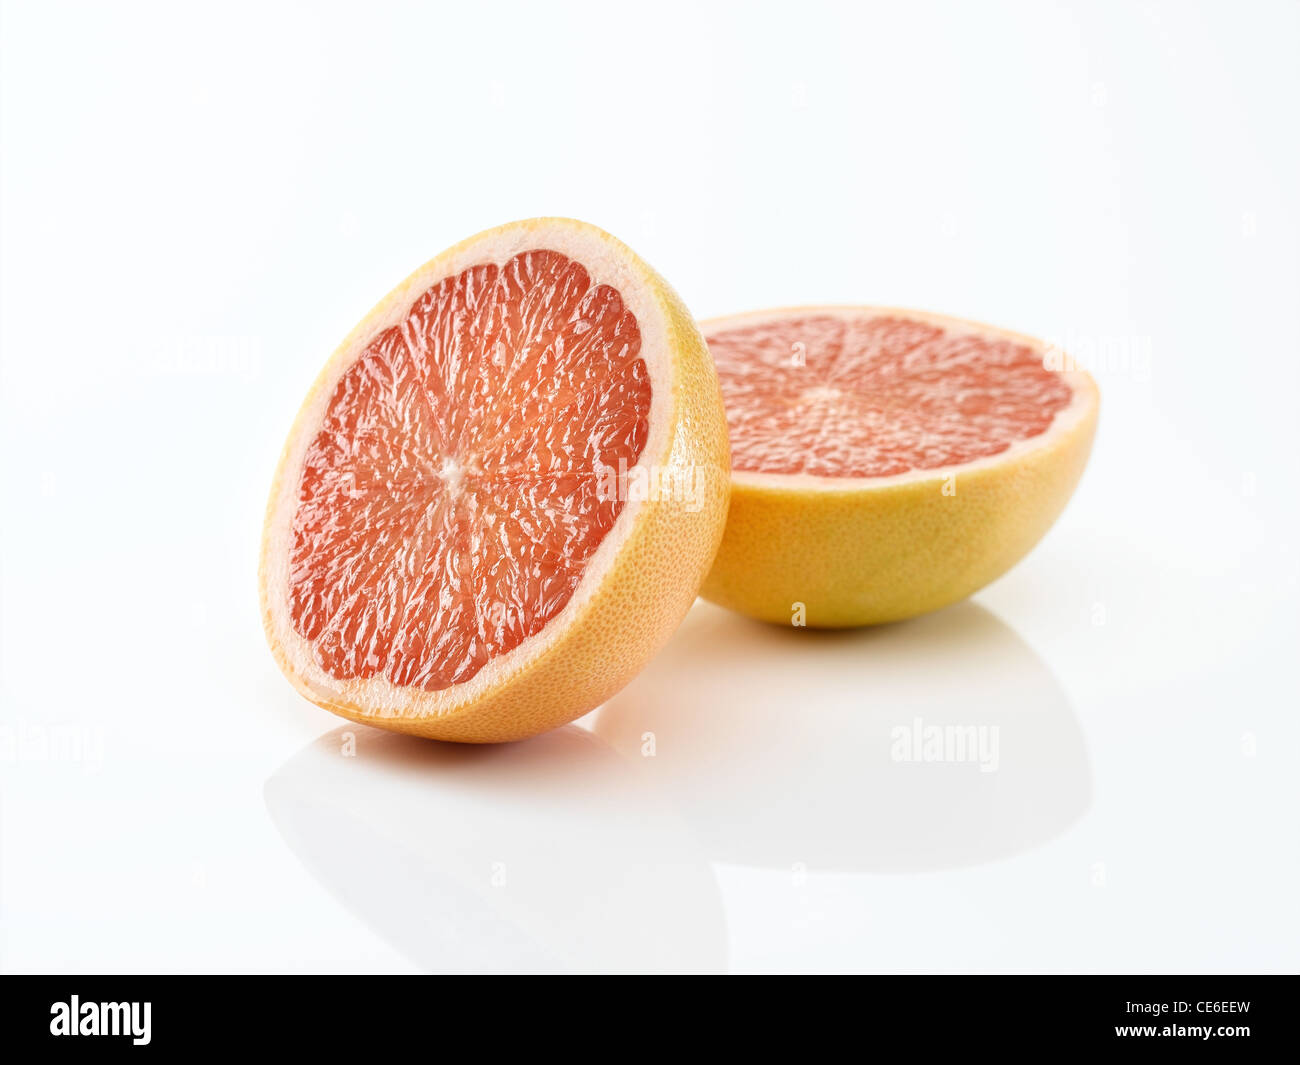 La toronja rosa Imagen De Stock